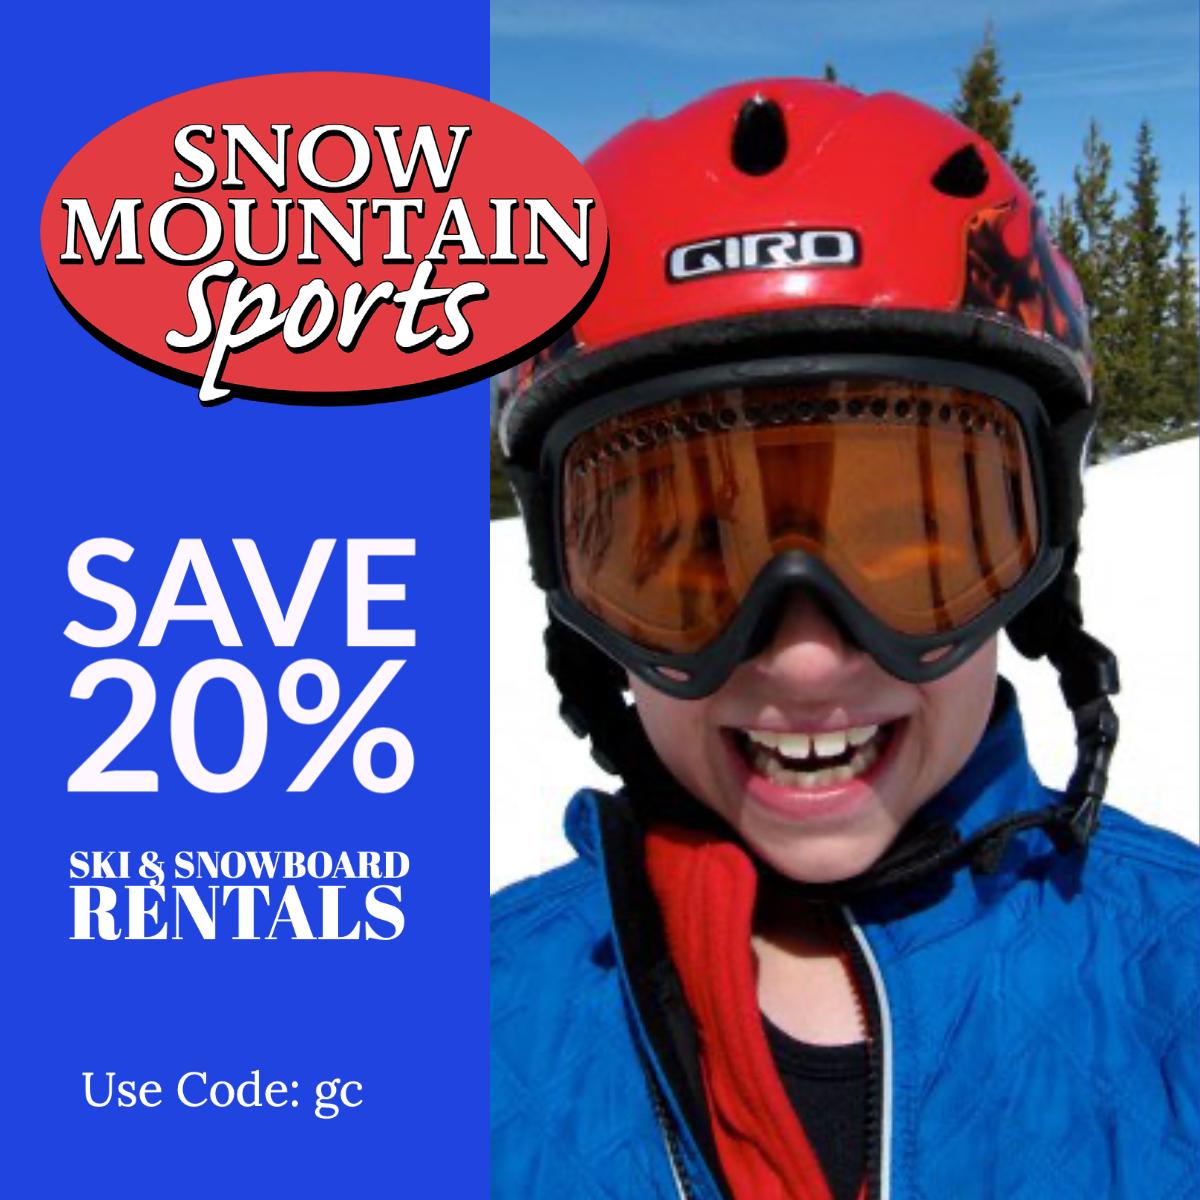 Save 20% Winter Park Ski Rental Snow Mountain Sports